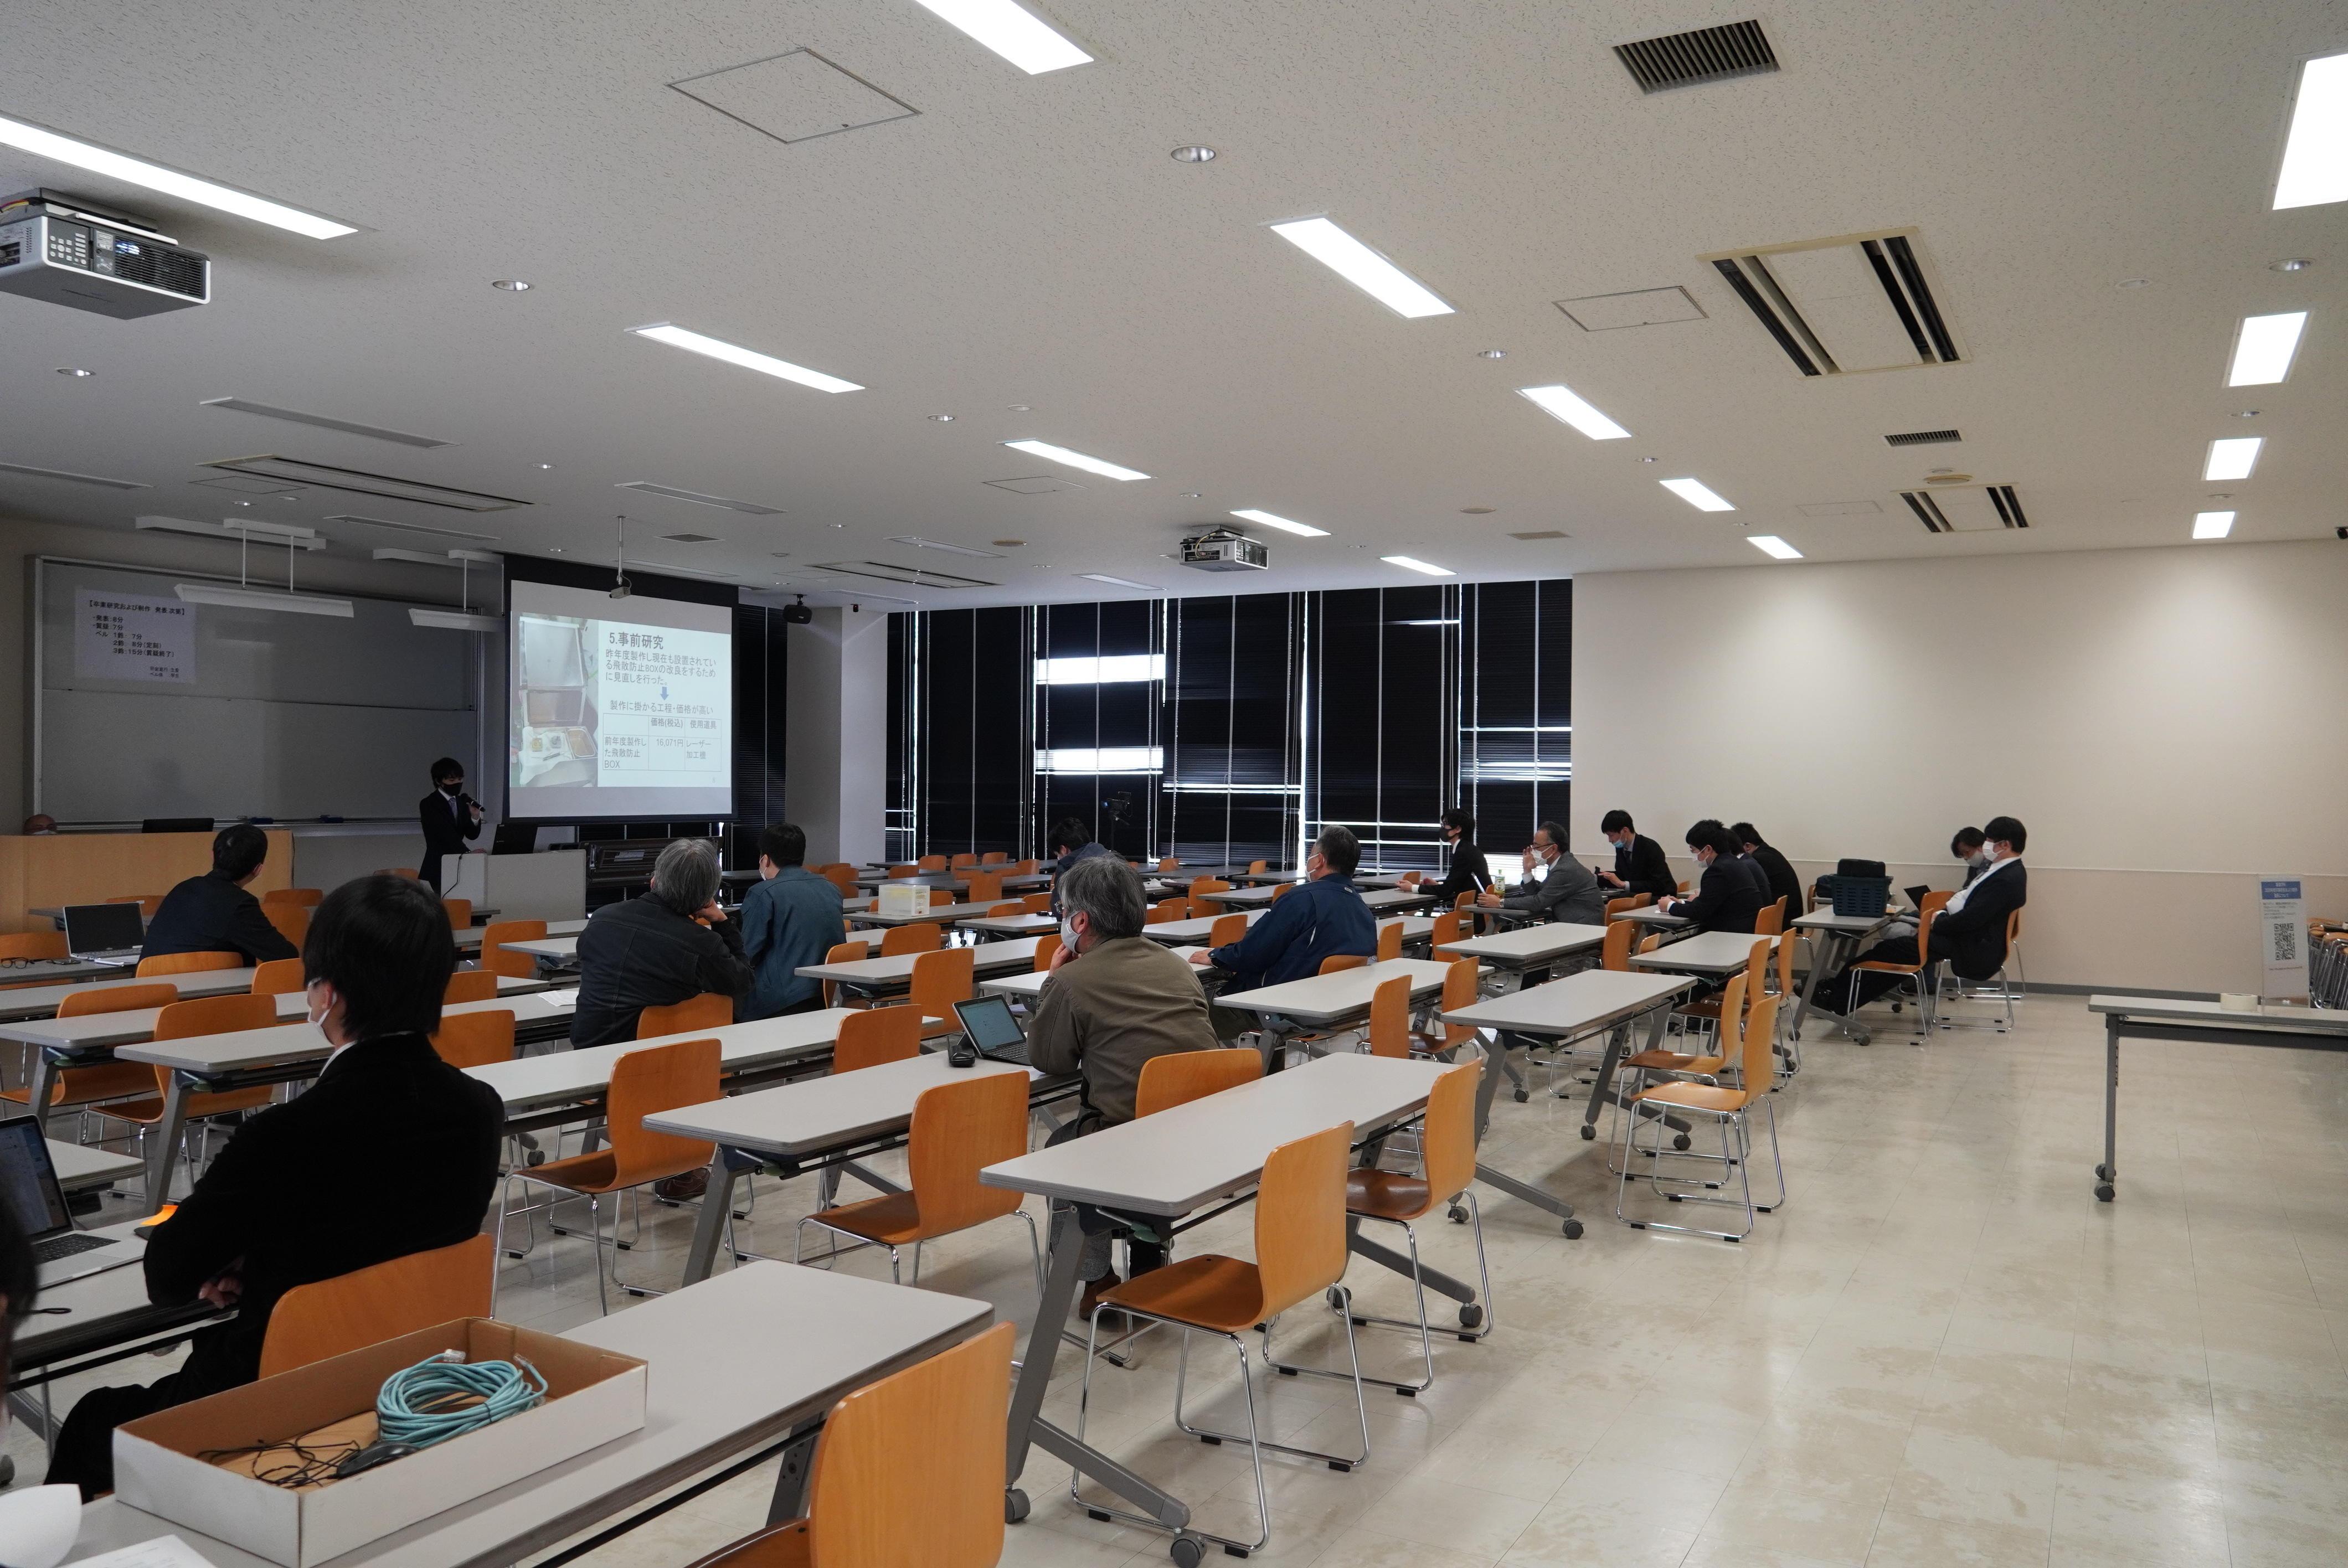 ものつくり大学では、1月26日(火)・27日(水)・28日(木)に必修科目である「卒業研究および制作」発表会を開催した。制作物はキャンパス内に展示中。